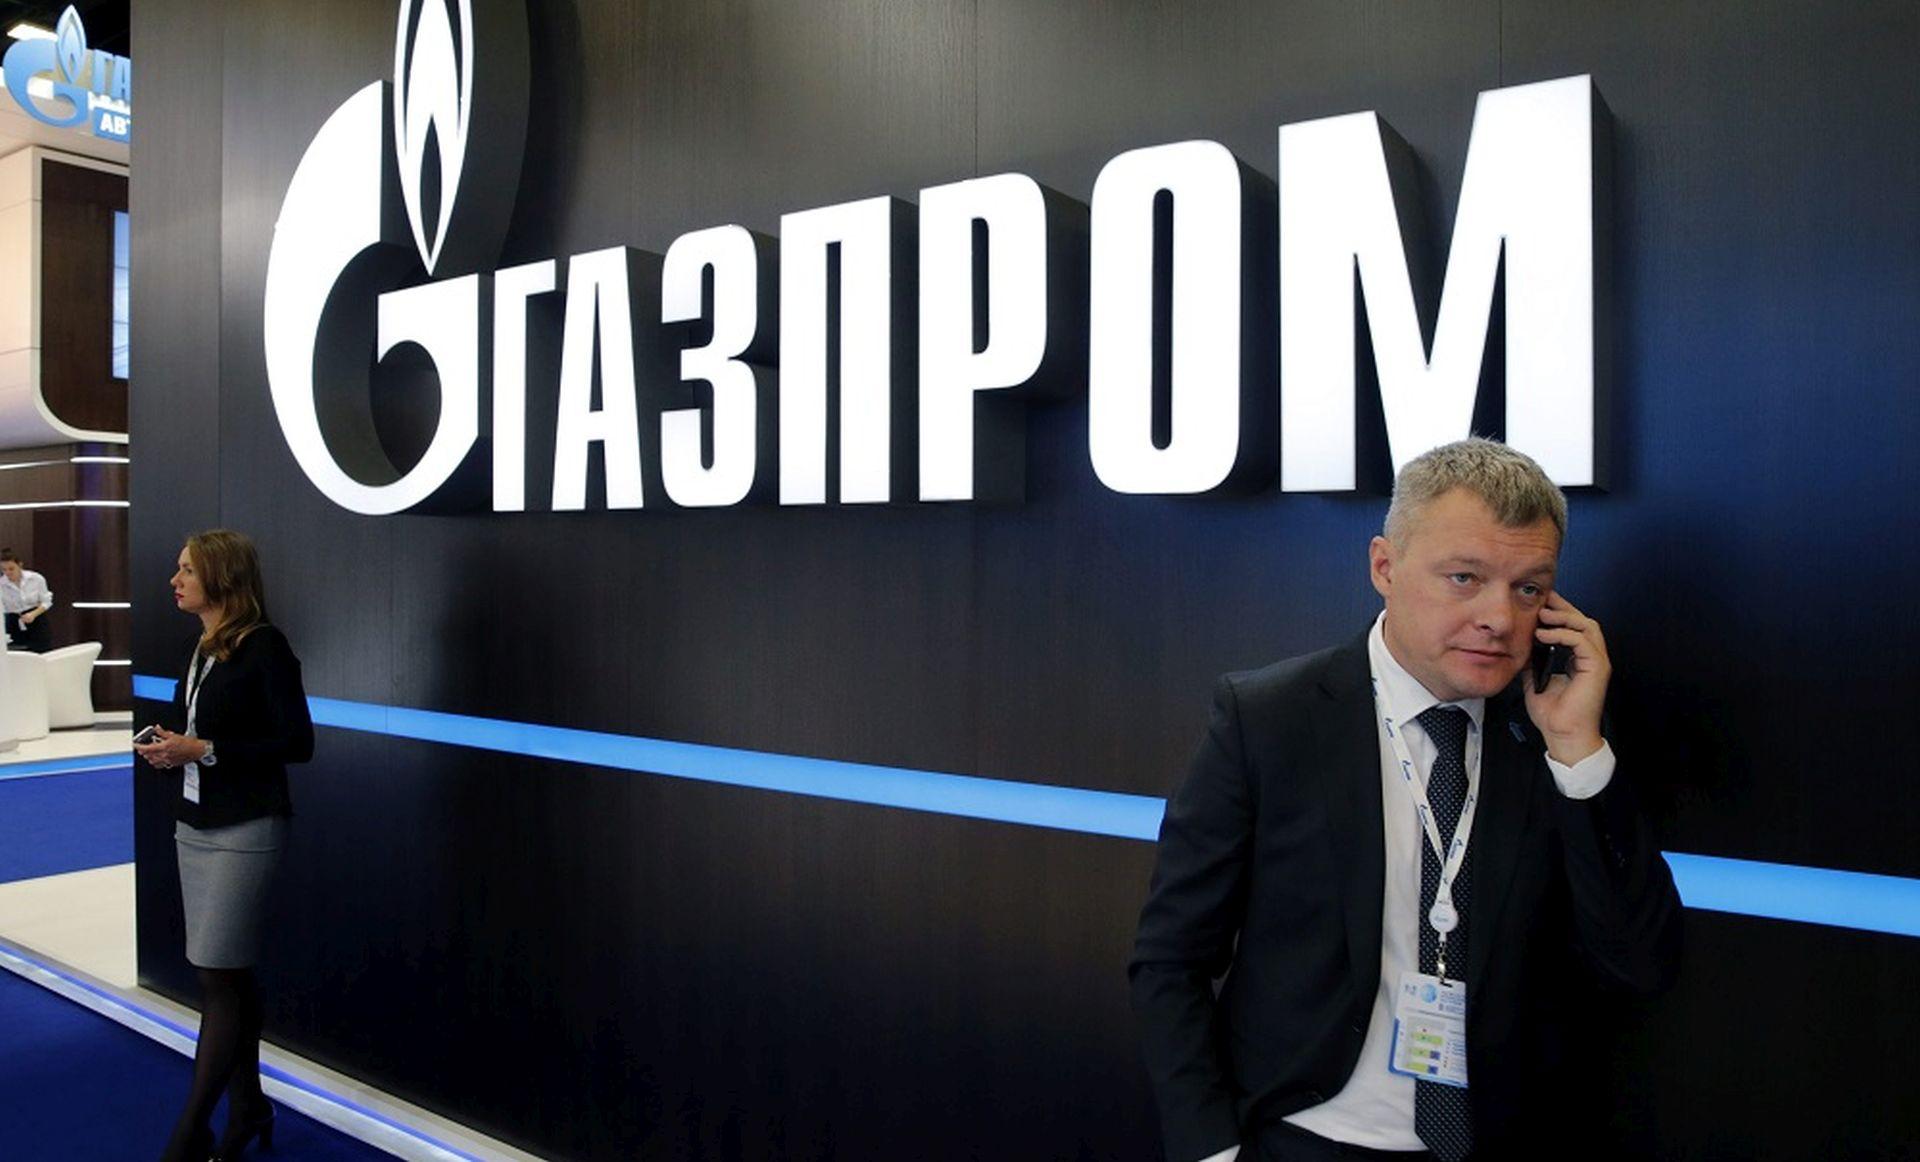 Ruski Gazprom platit će Ukrajini 2,9 milijarda dolara